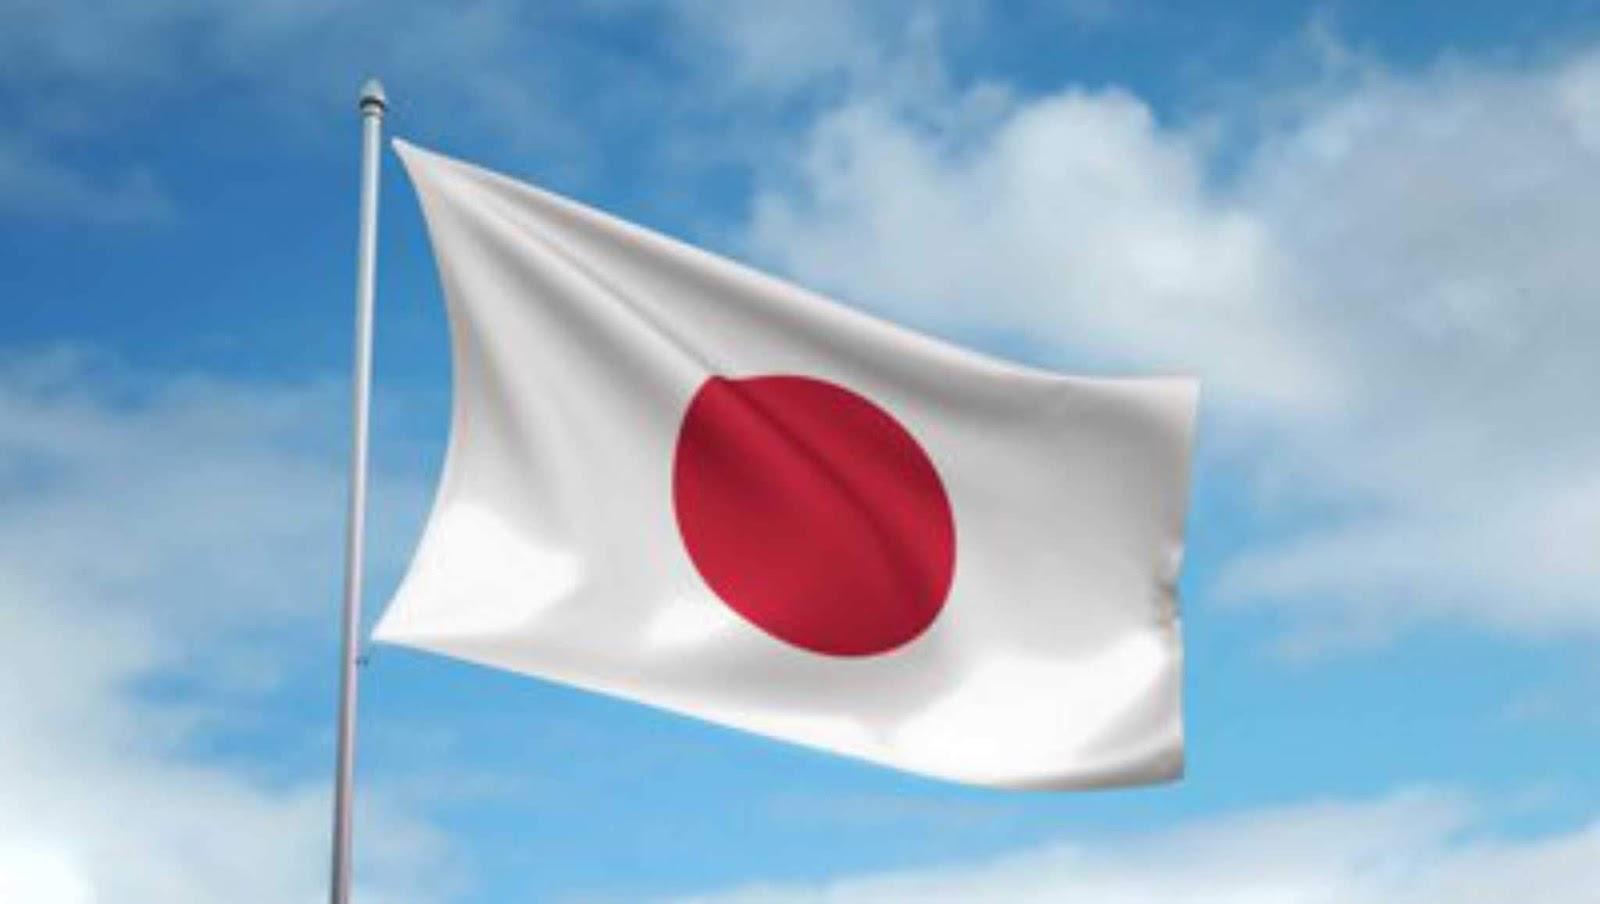 Kementerian Pertahanan Jepang telah menjadi sasaran serangan dunia maya